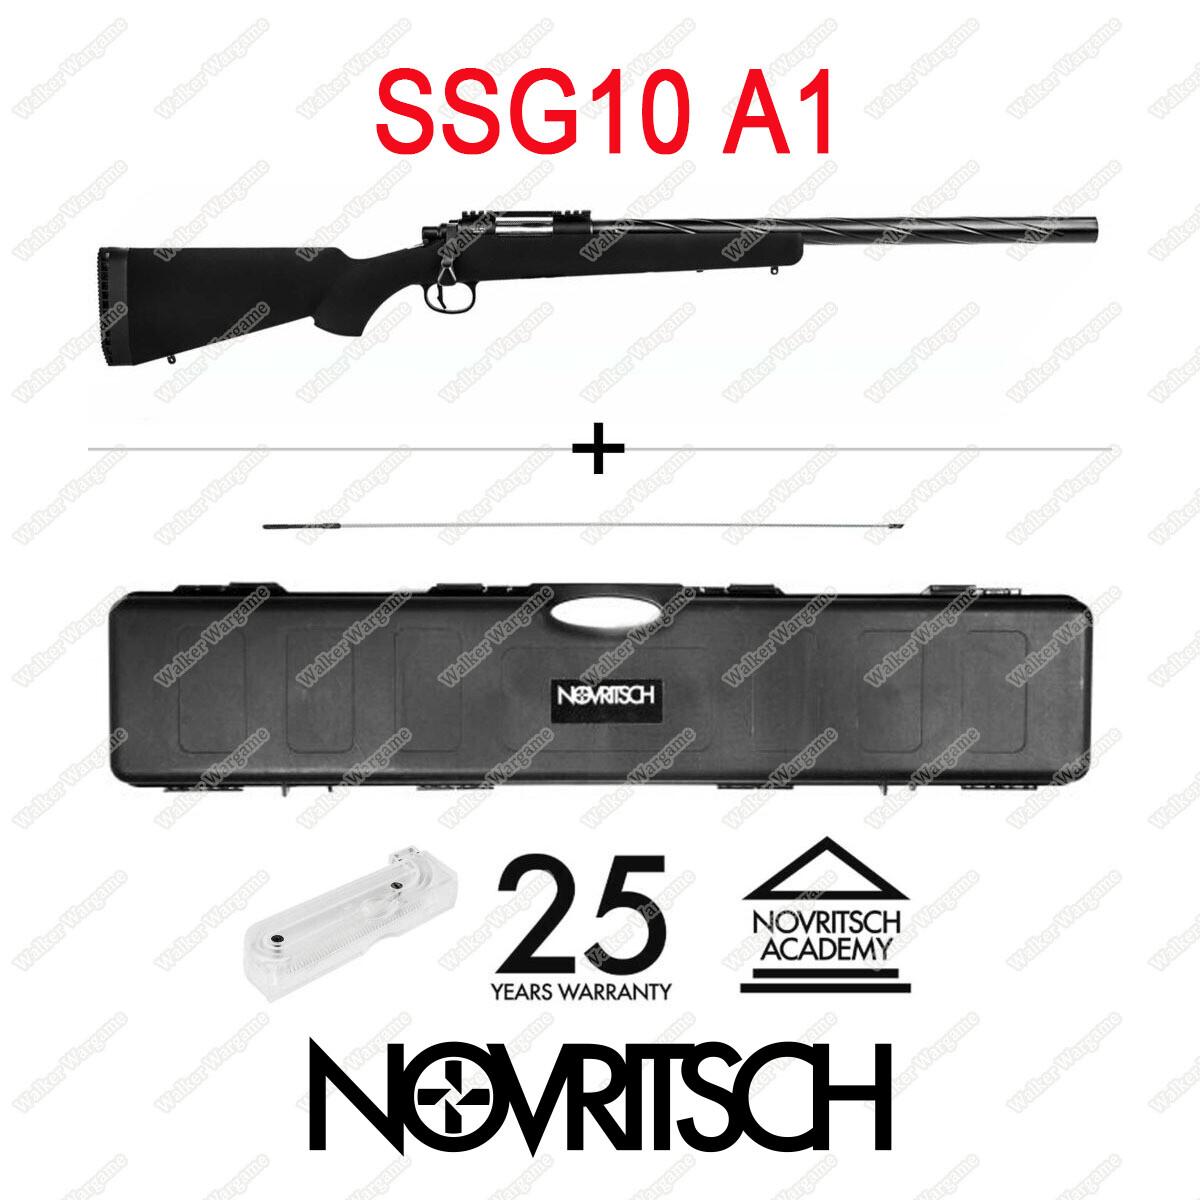 Novritsch SSG10 A1 Airsoft Sniper 2.2Joules  486fps M150 Spring